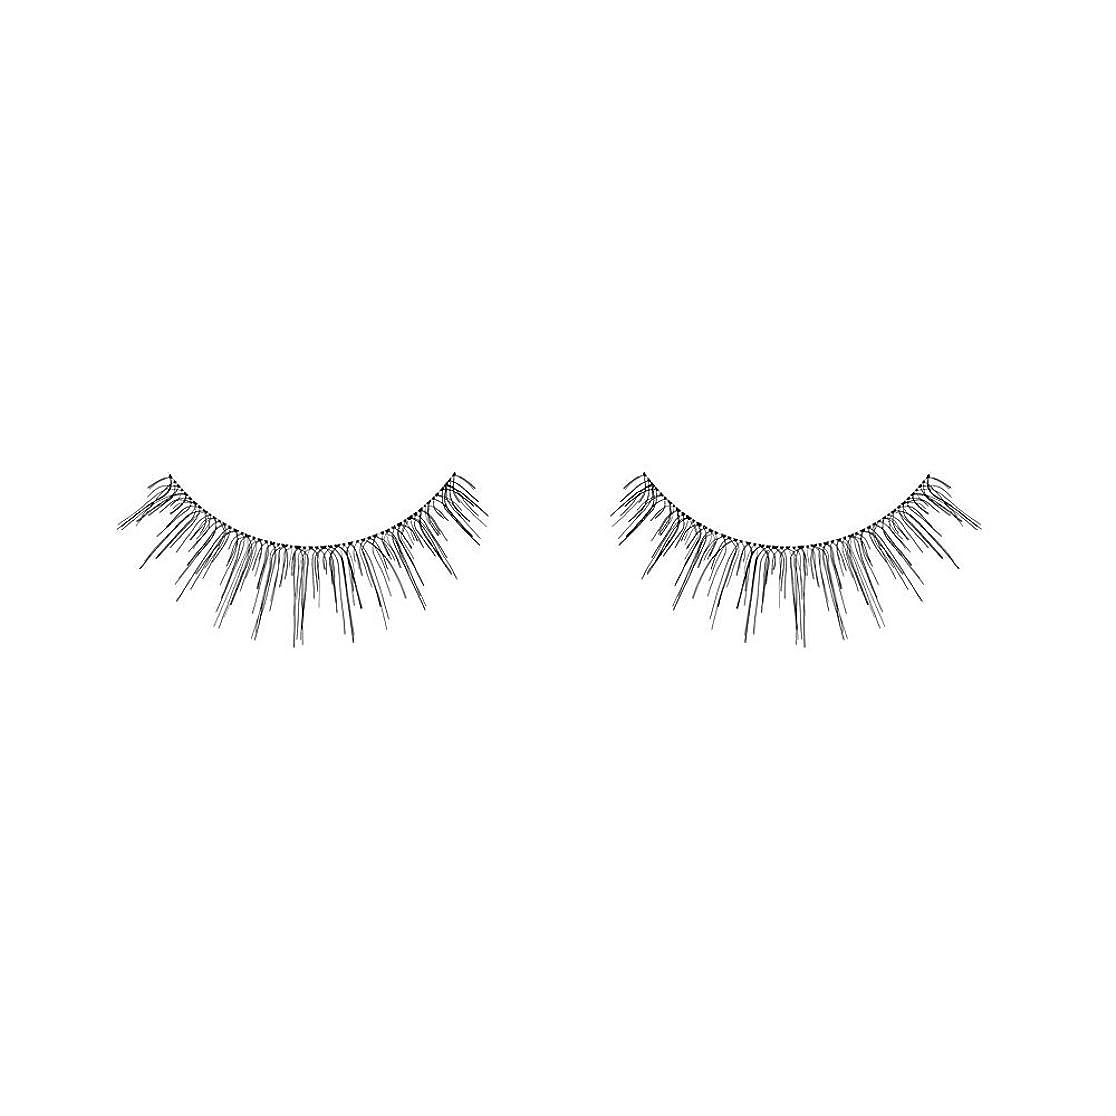 完璧な新鮮な物足りないArdell Natural Strip Lashes - Fairies Black - 1 Pair